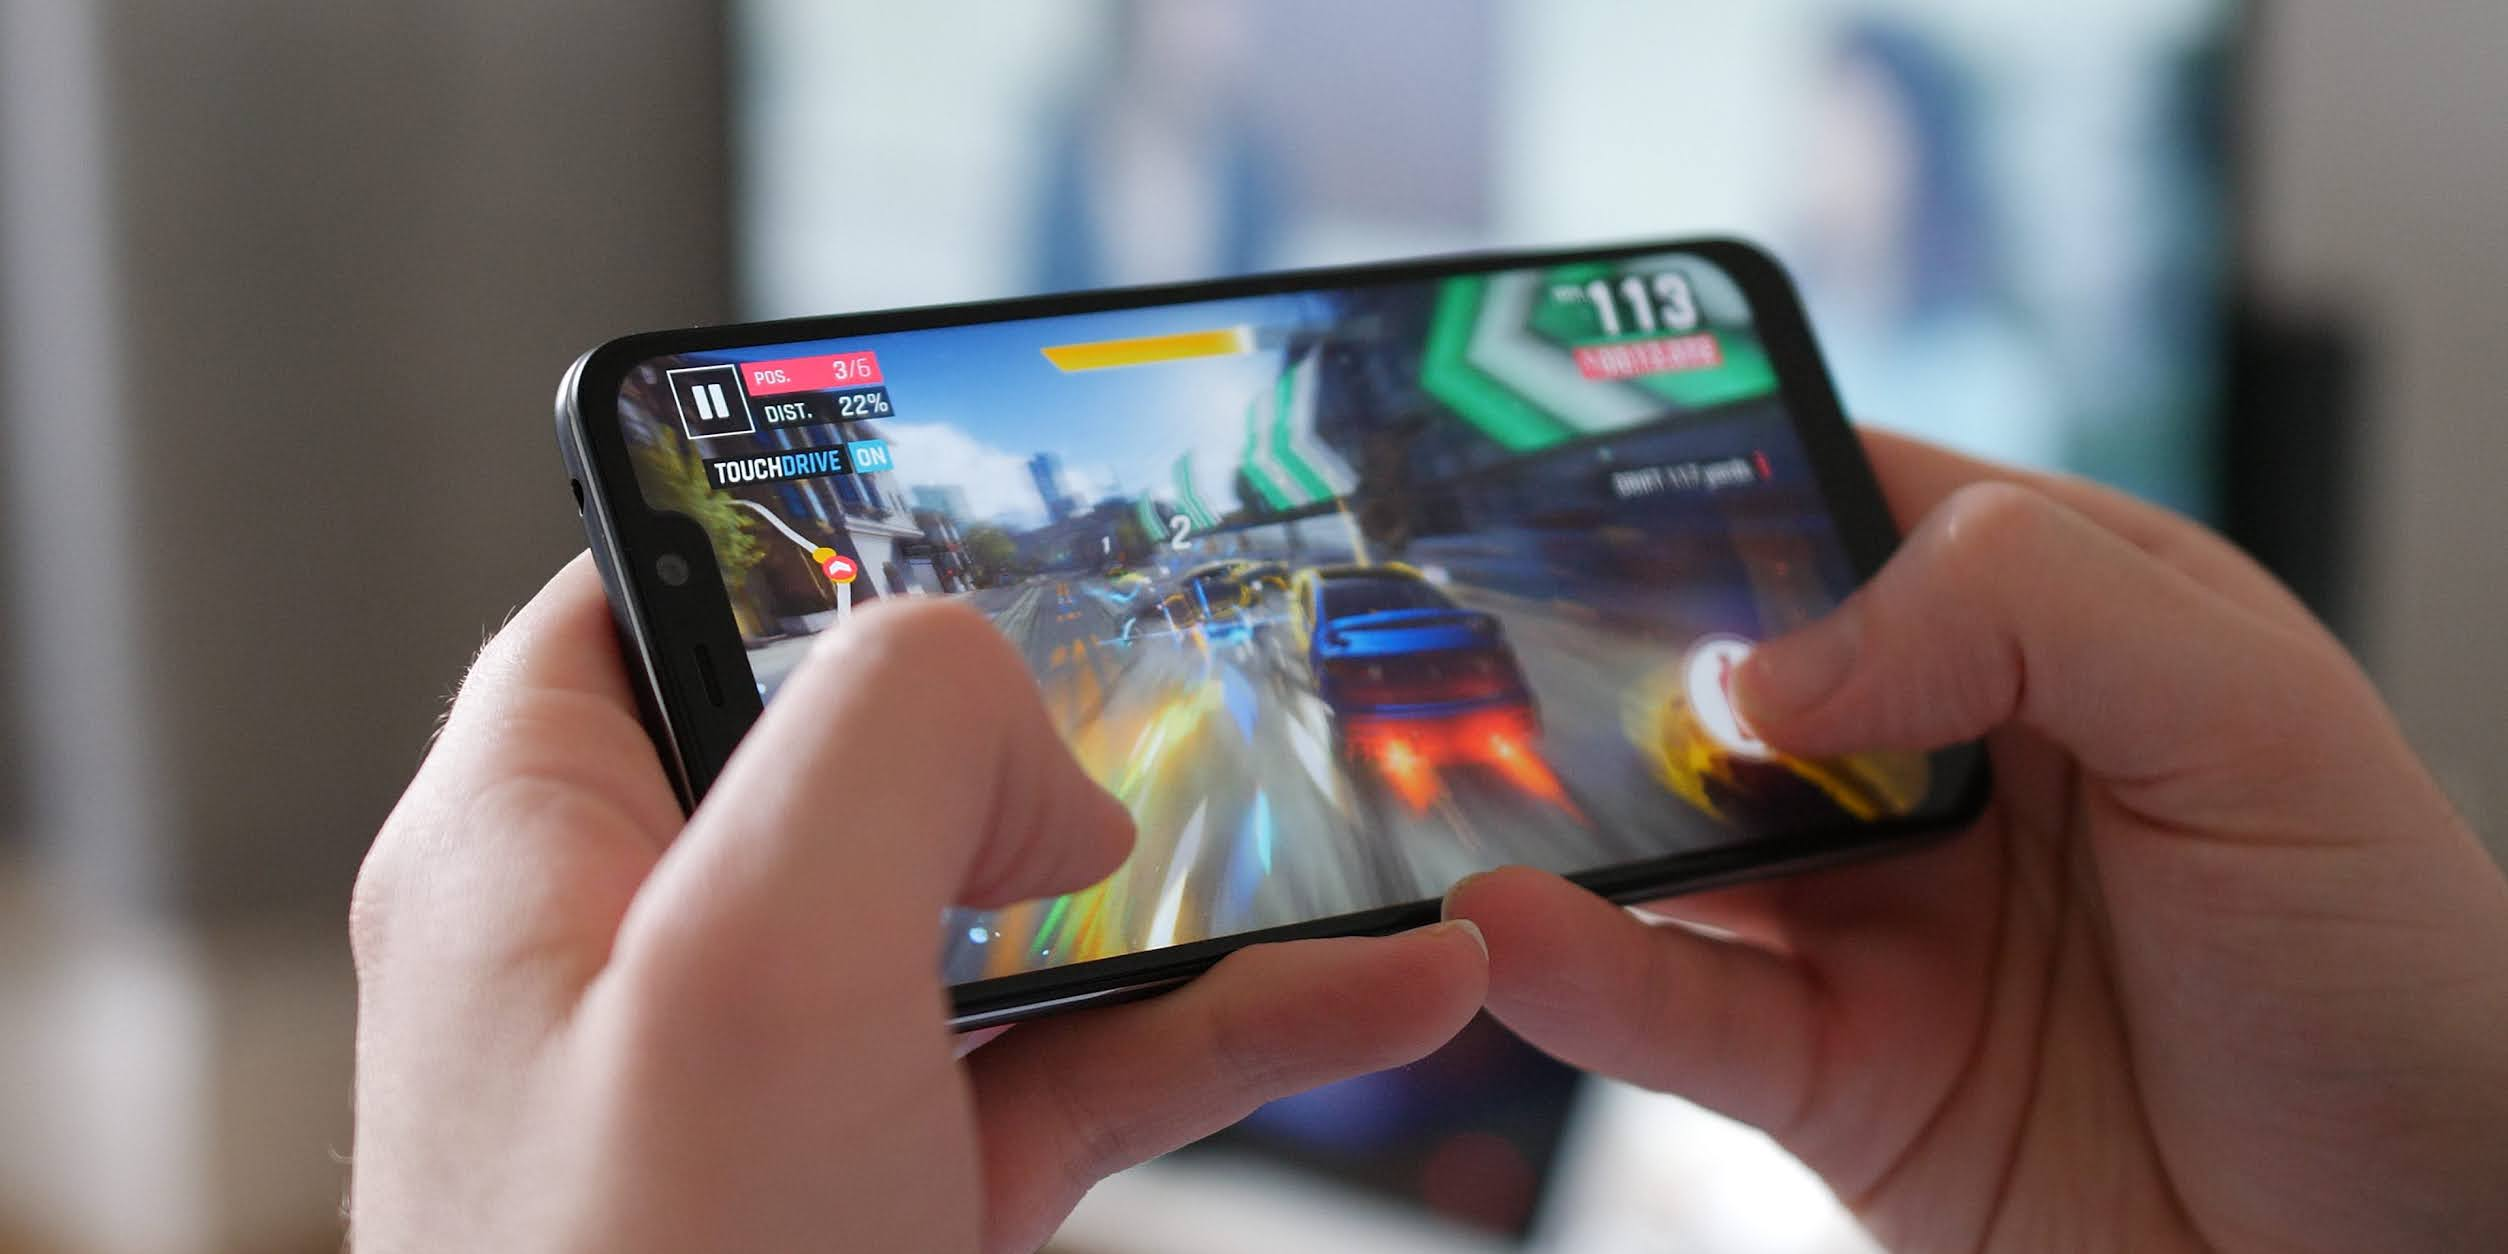 Rekomendasi Hp Gaming Murah 3 Jutaan Update April 2021